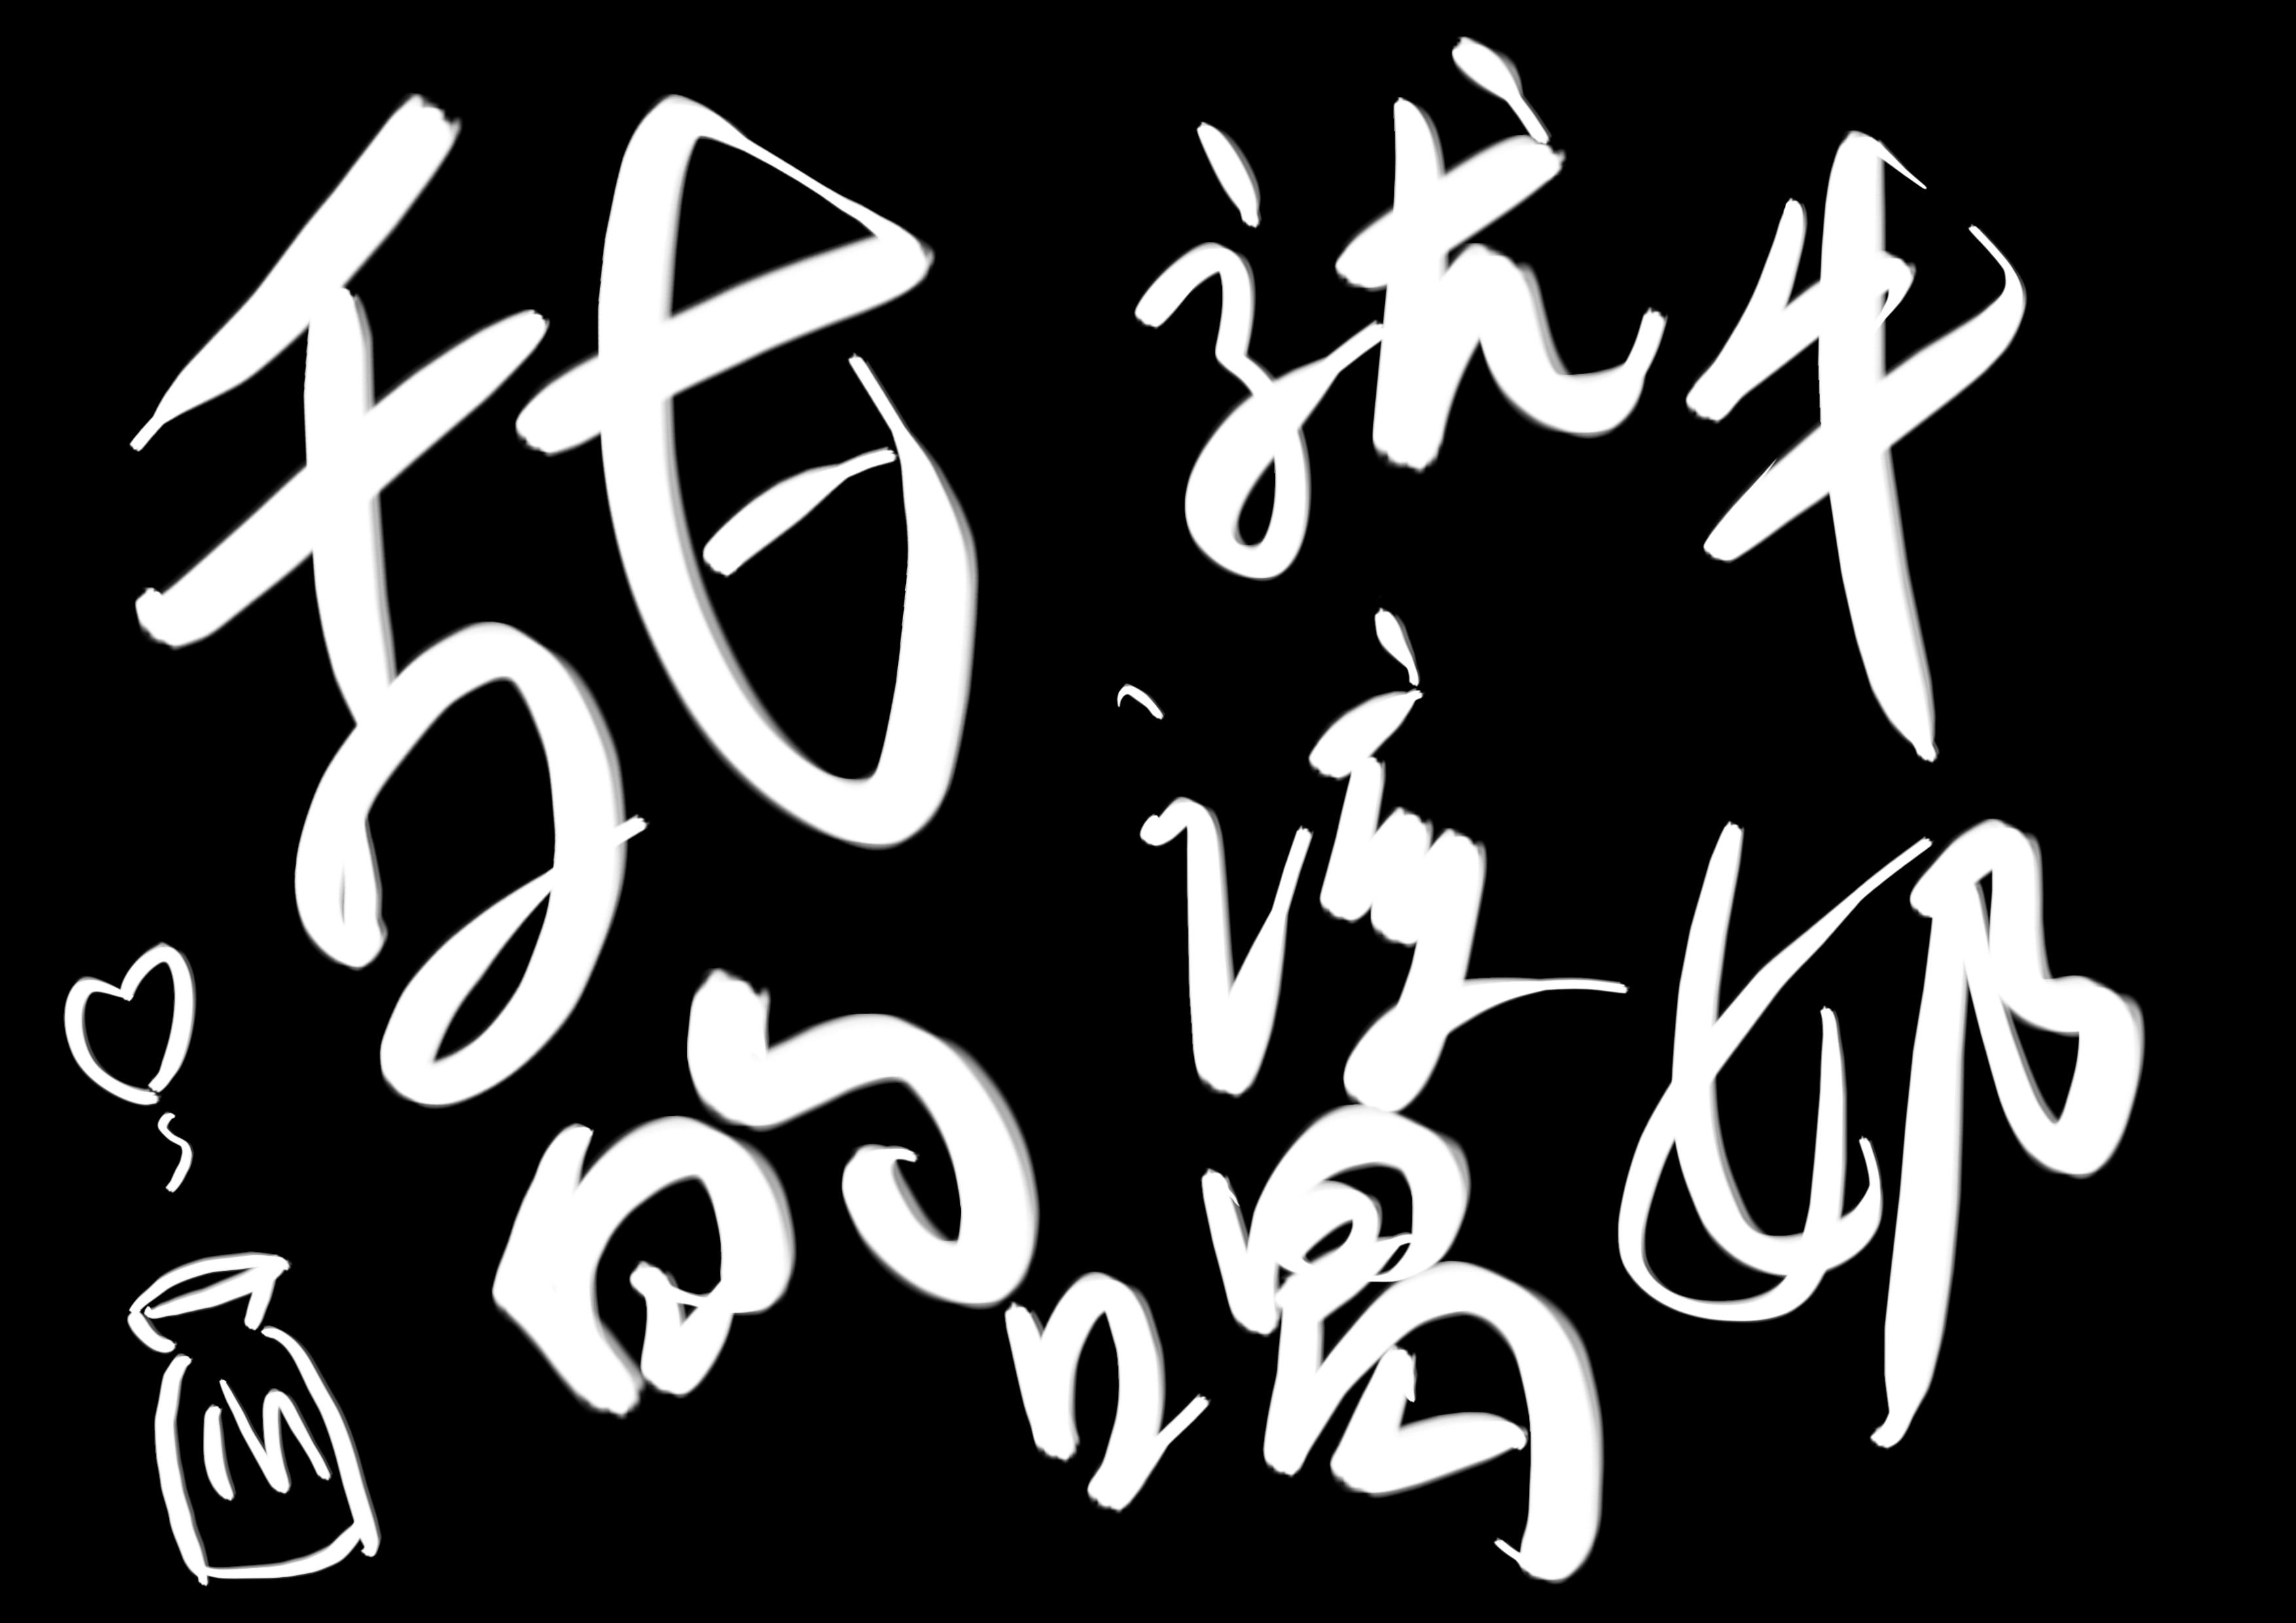 文字版面设计/word layout图片